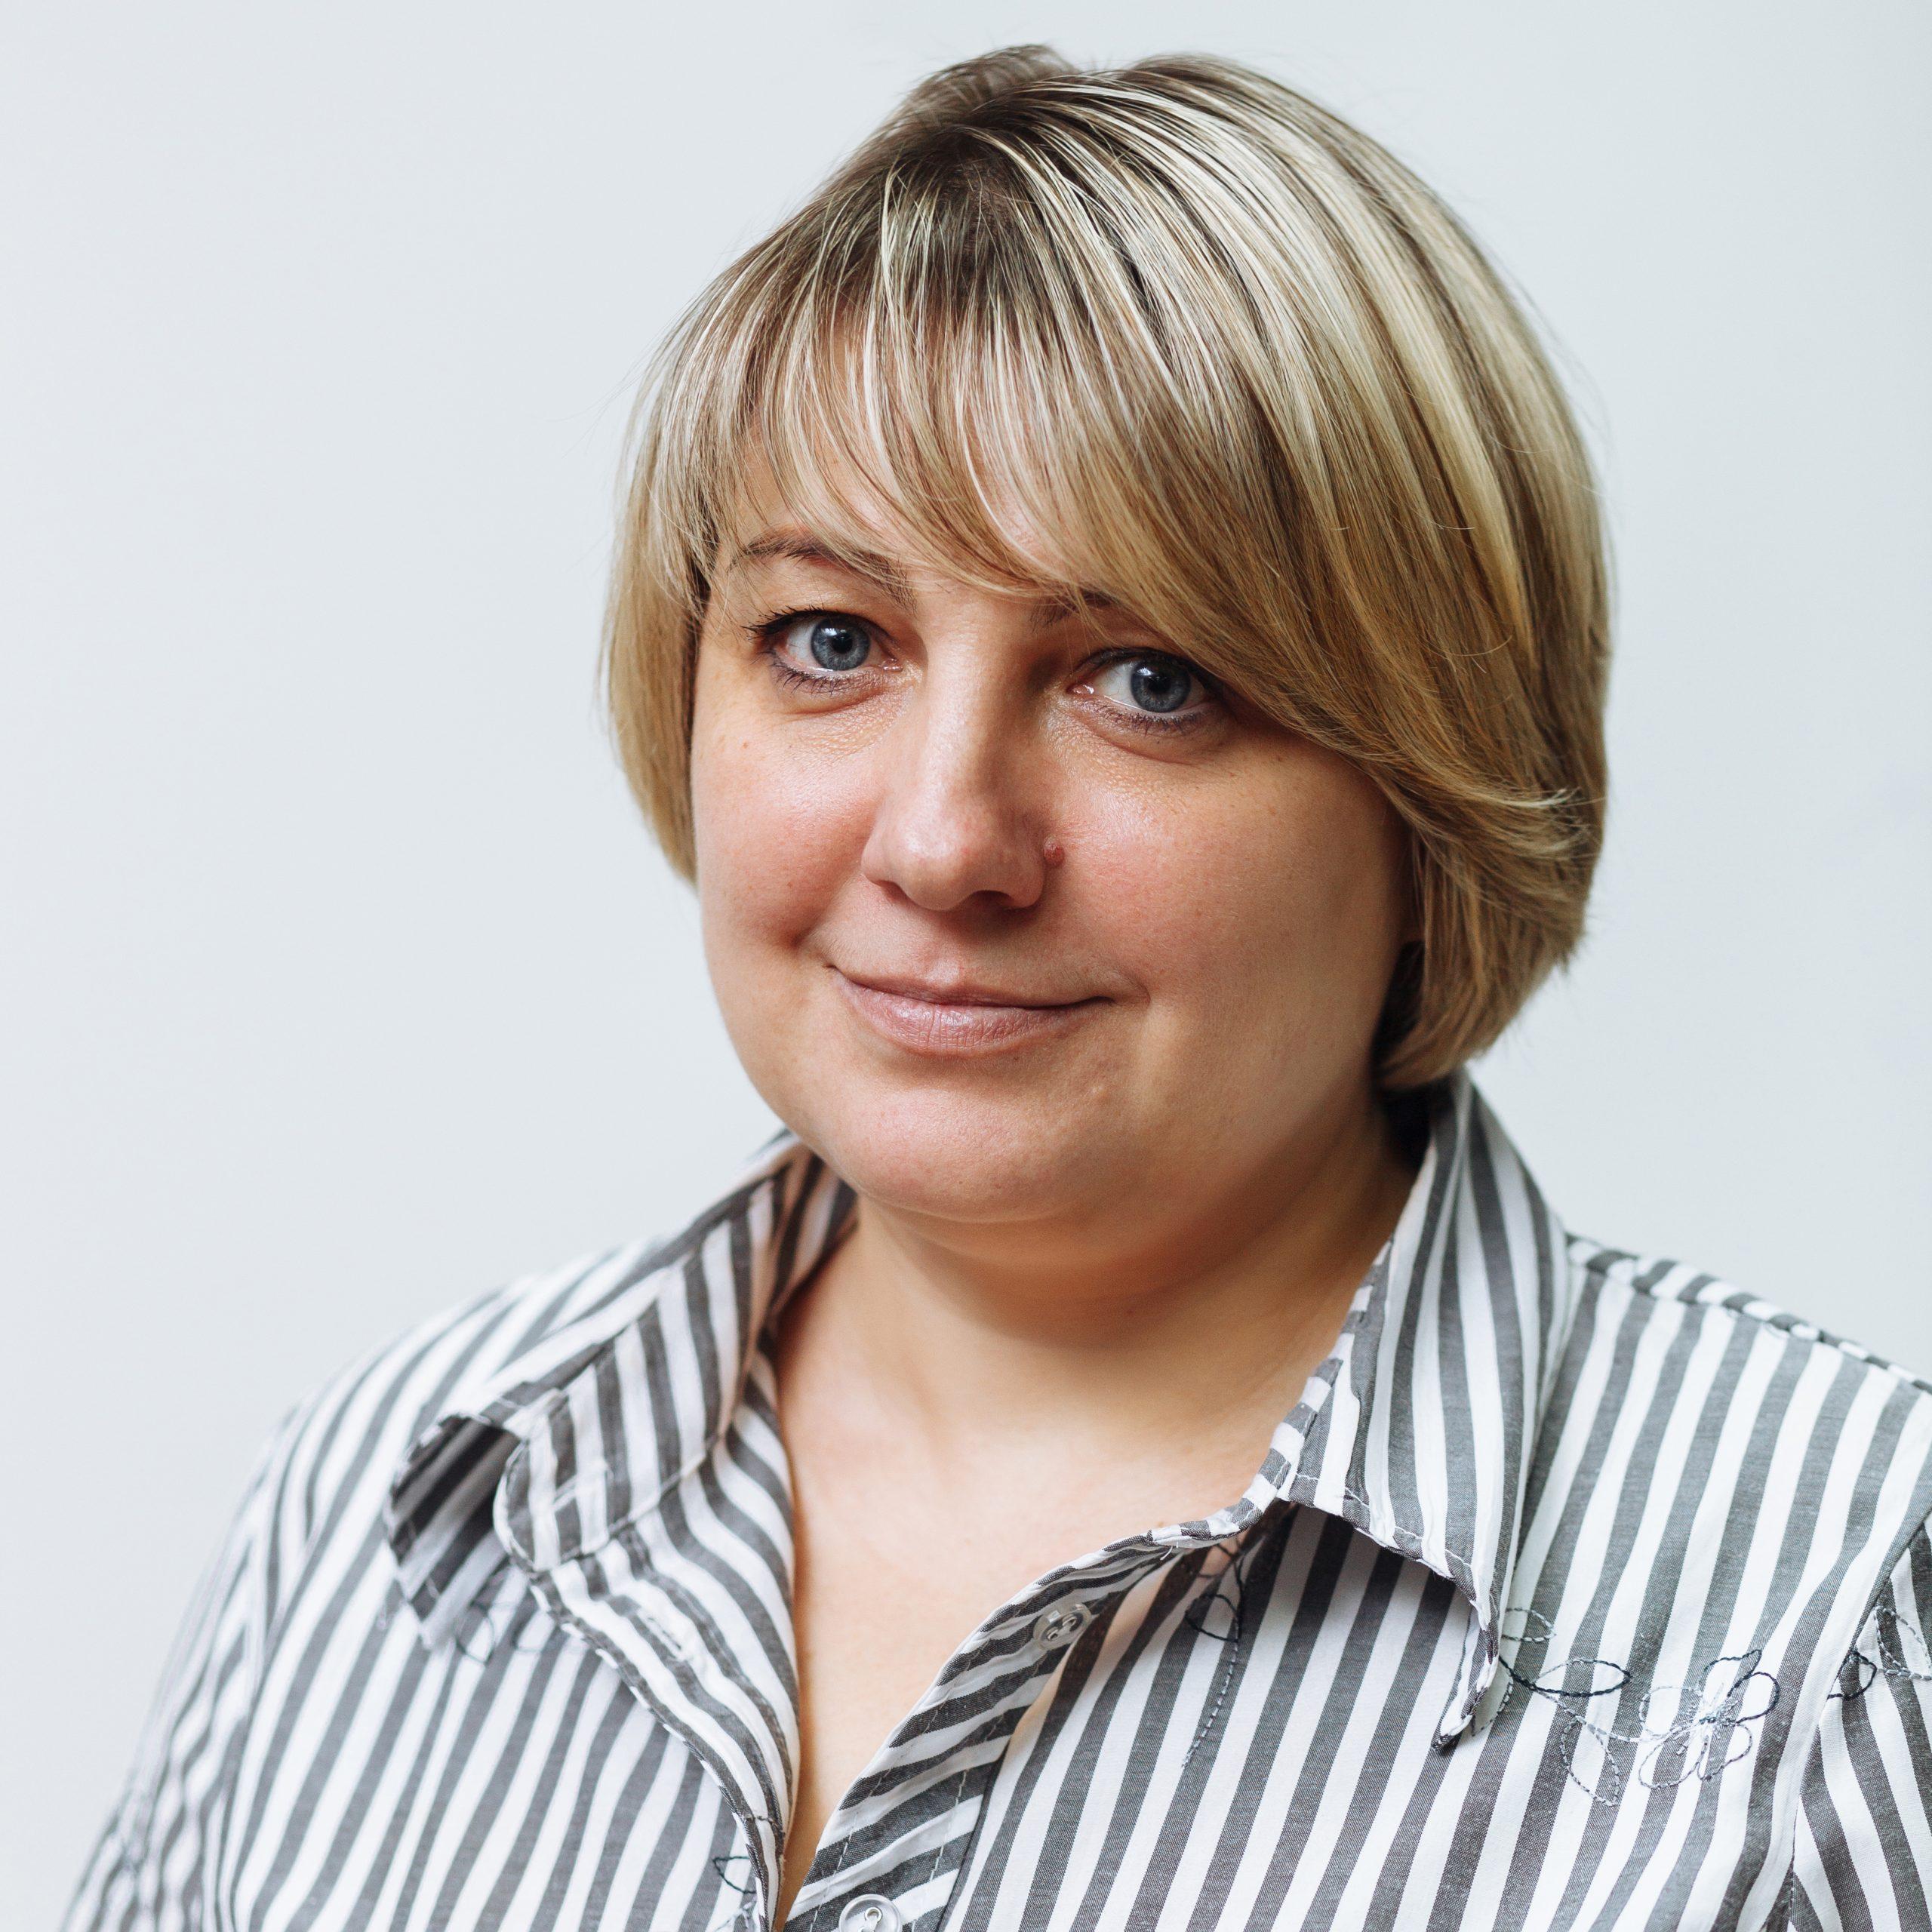 Anna Skotnikova